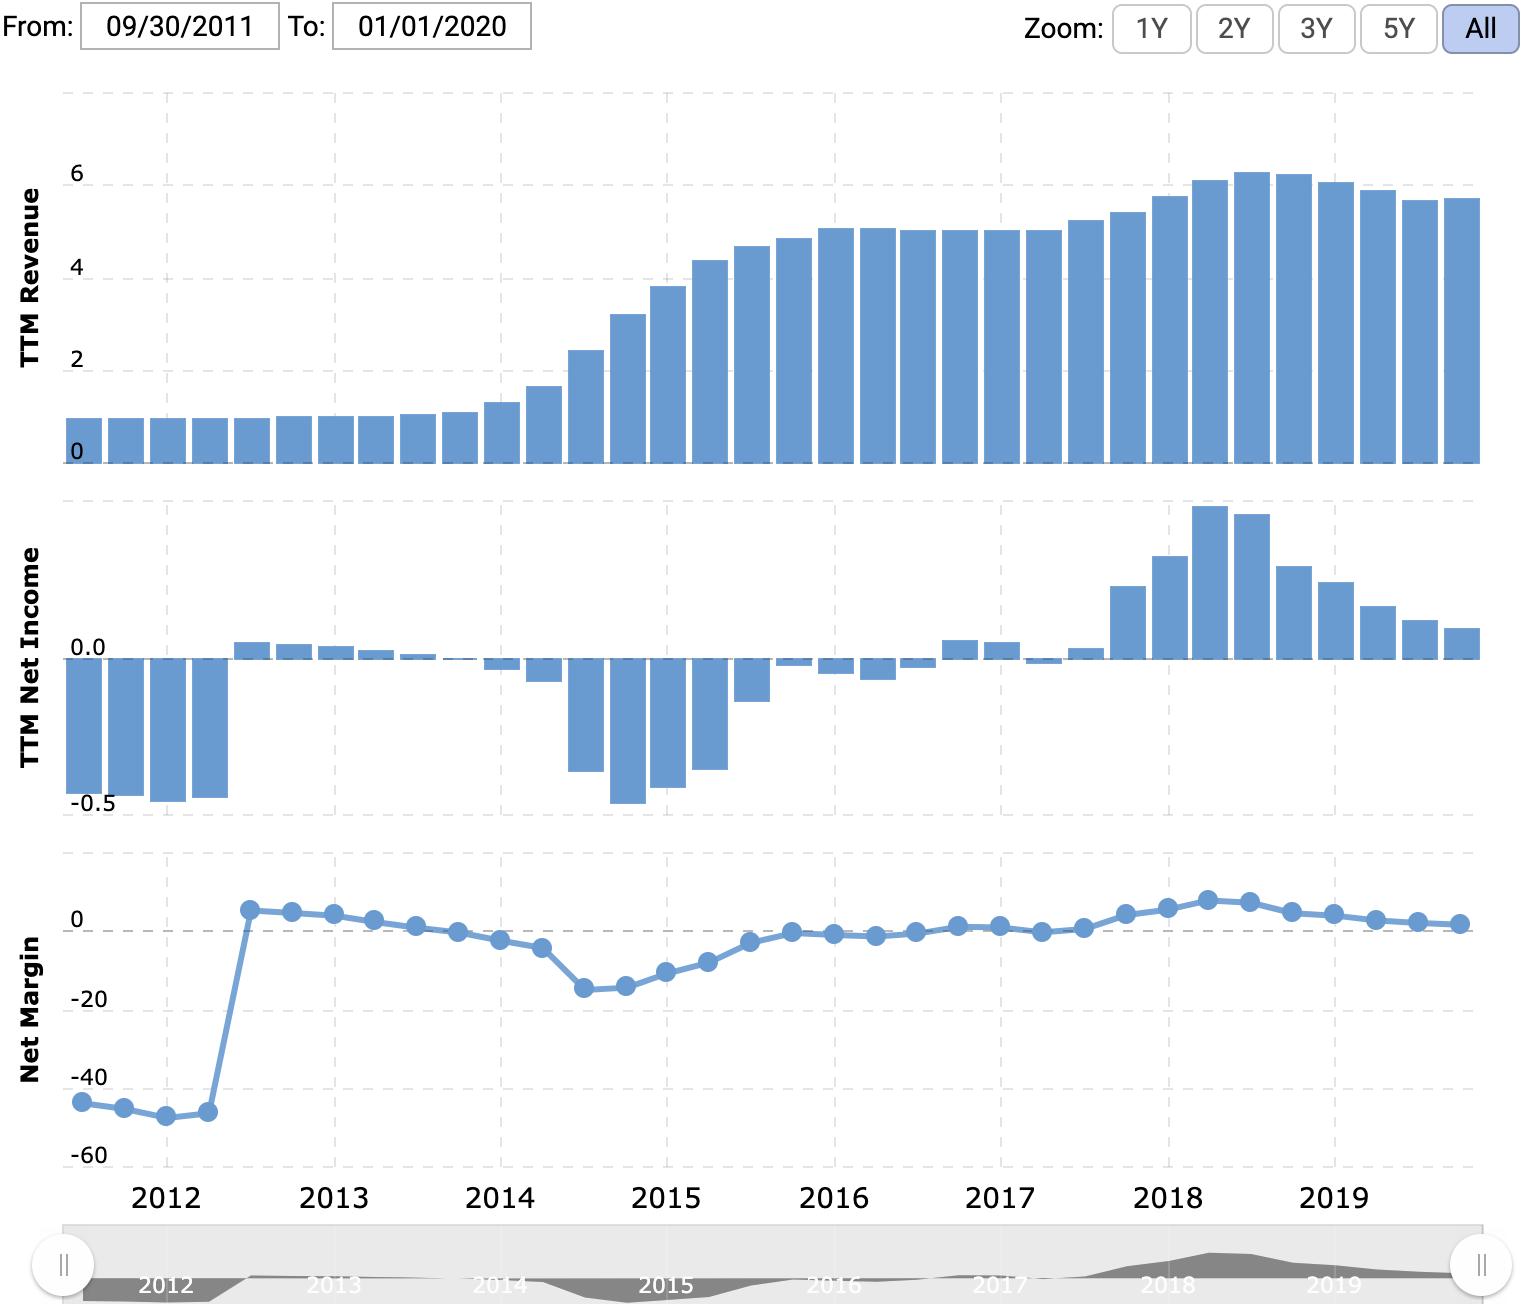 Выручка и прибыль/убыток за последние 12 месяцев в миллиардах долларов, итоговая маржа в процентах от выручки. Источник: Macrotrends